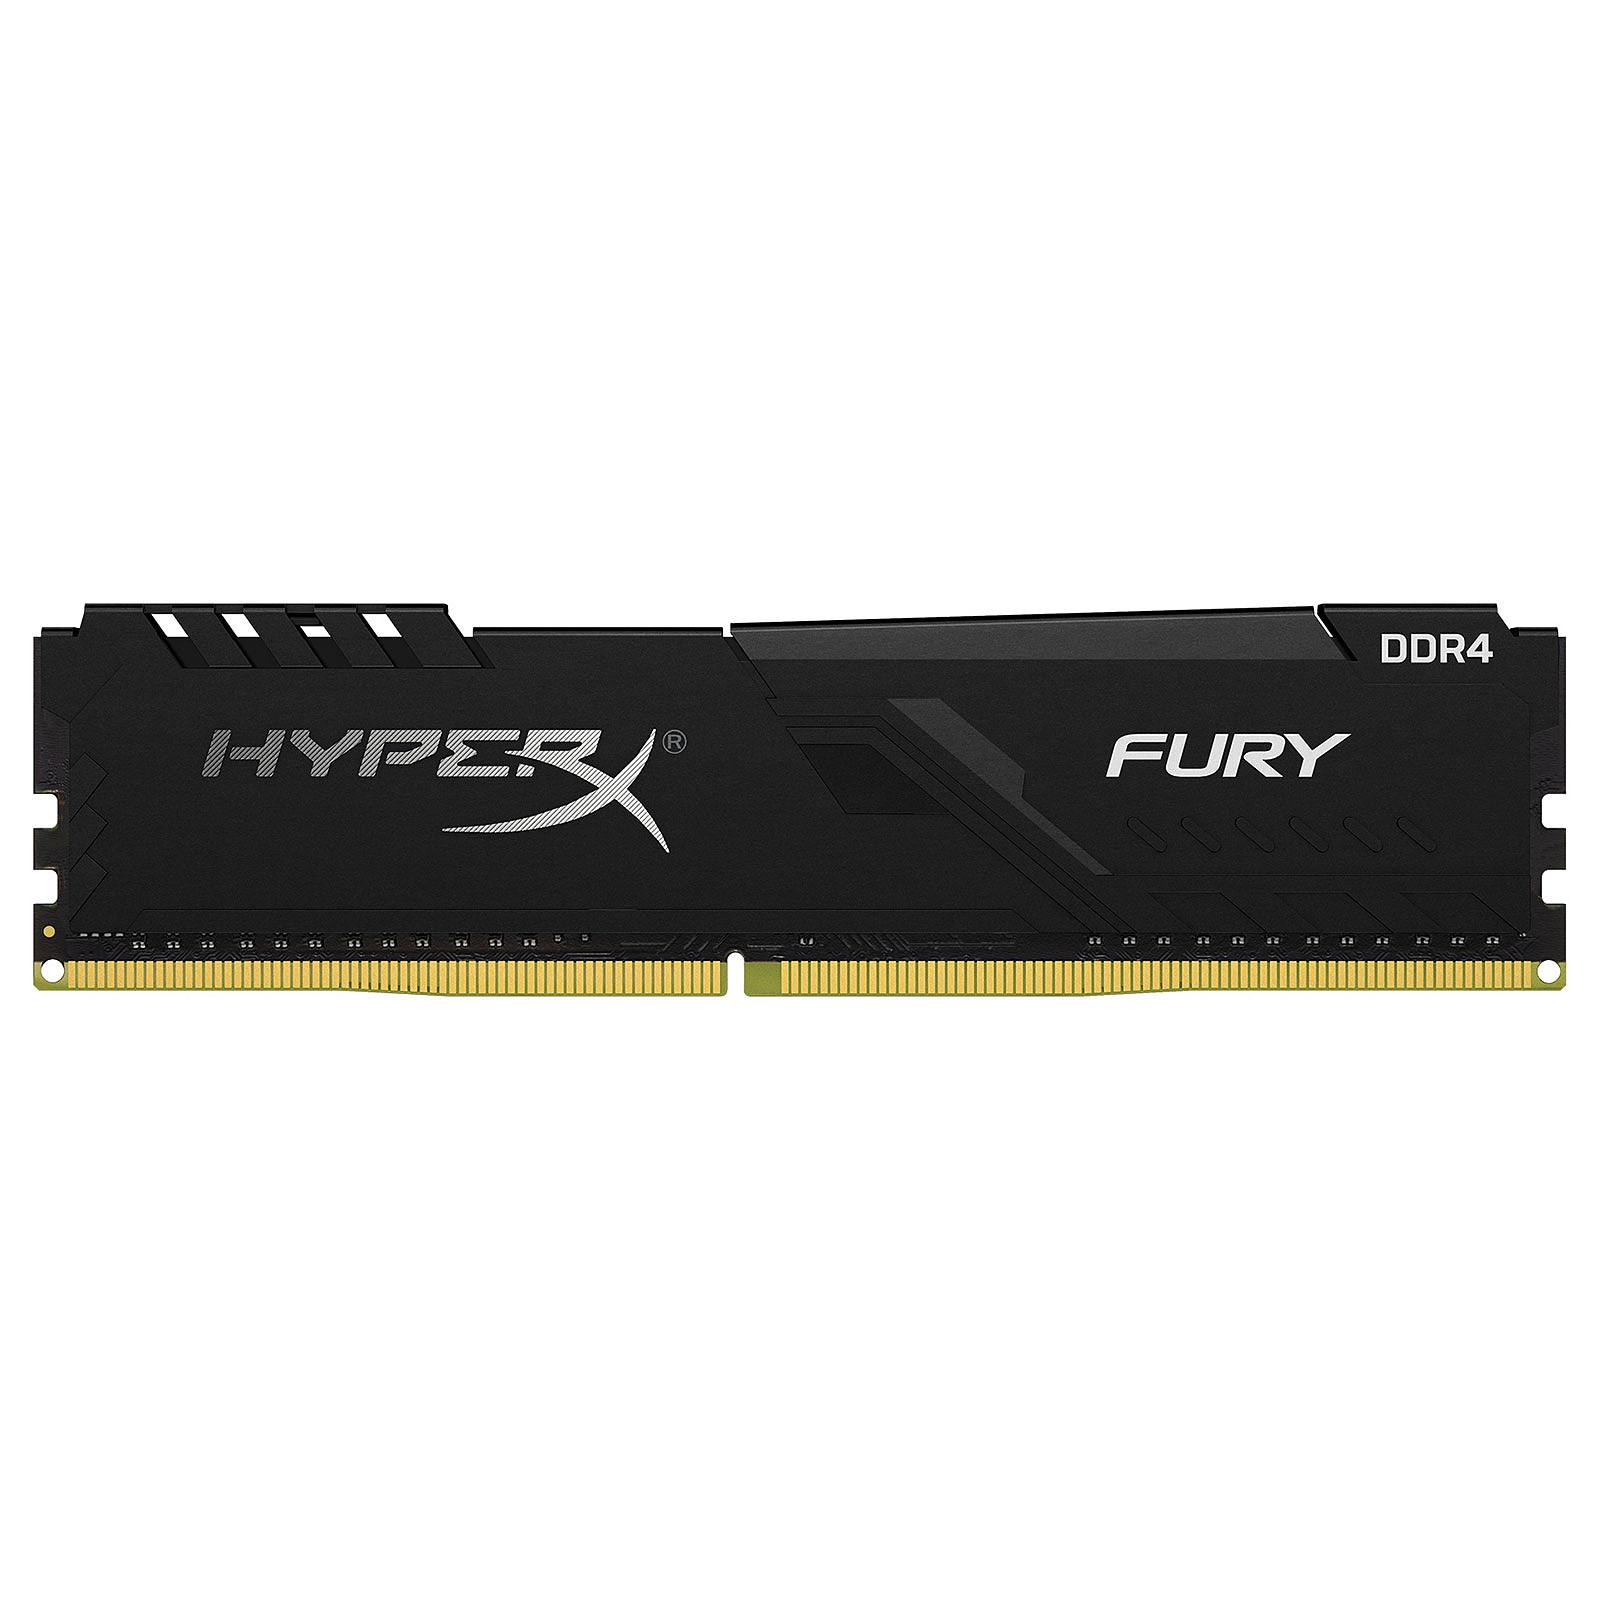 HyperX Fury 8 Go DDR4 3200 MHz CL16